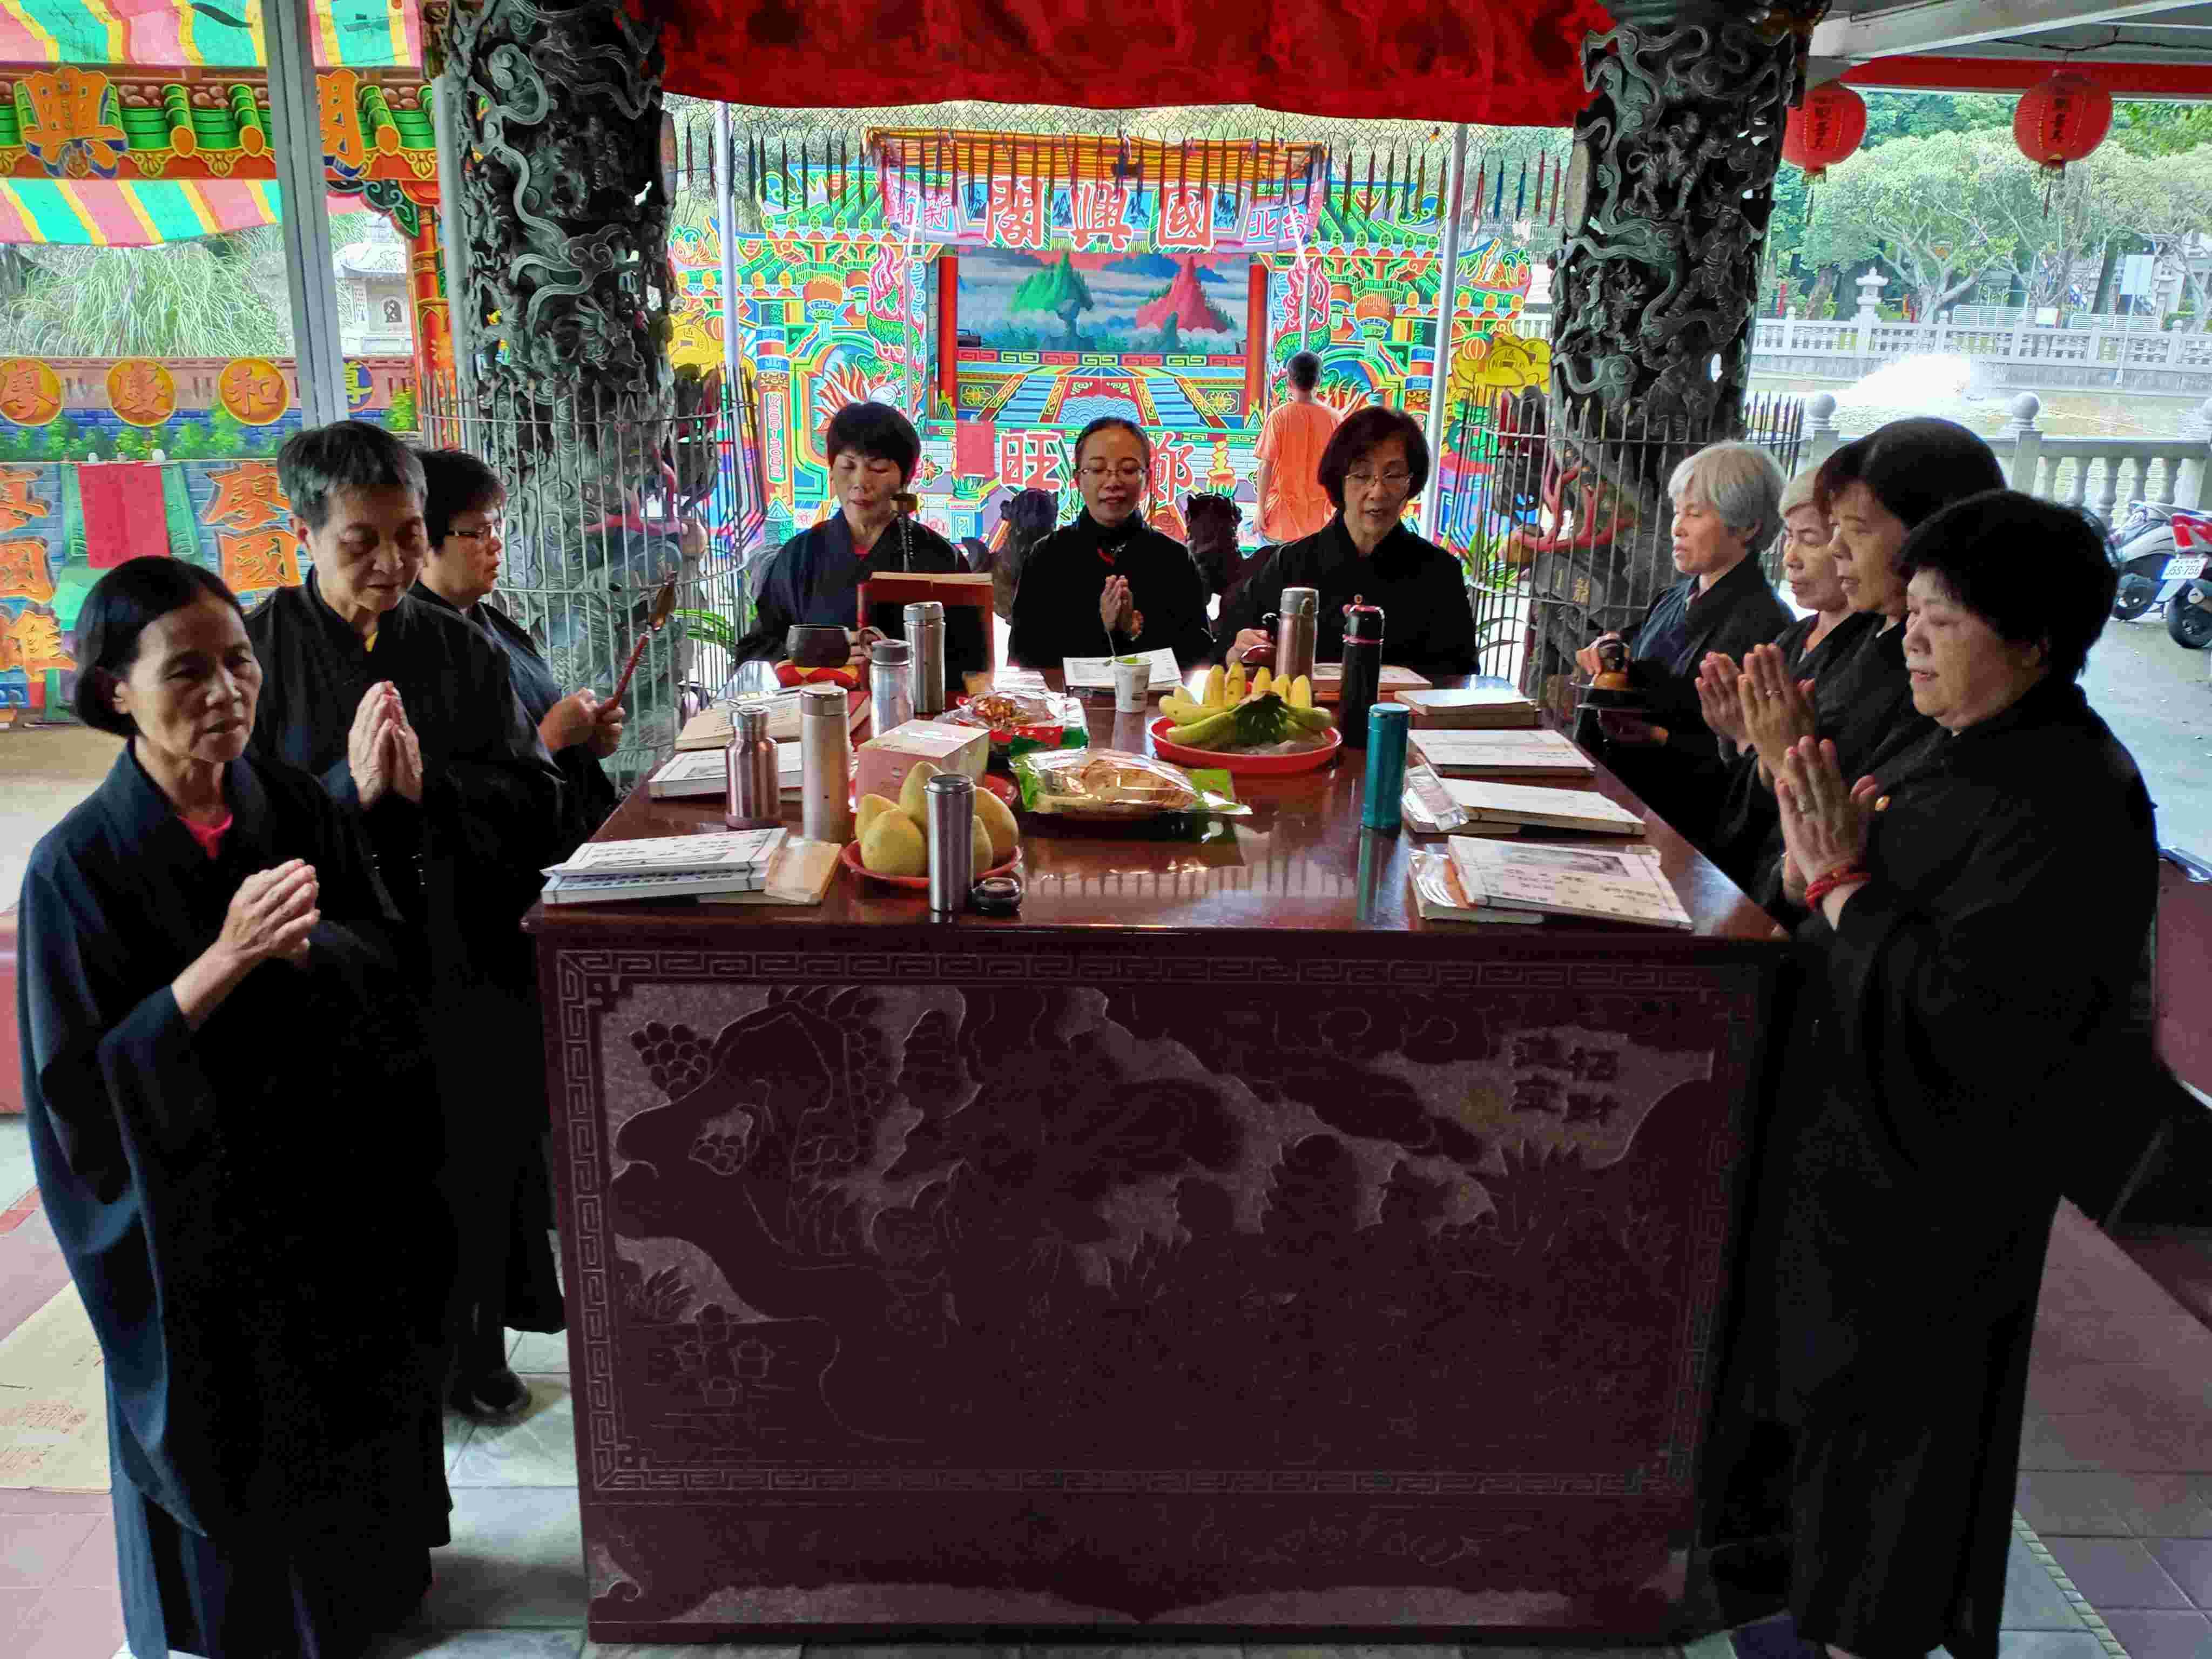 竹林山觀音寺誦經團教育訓練招生